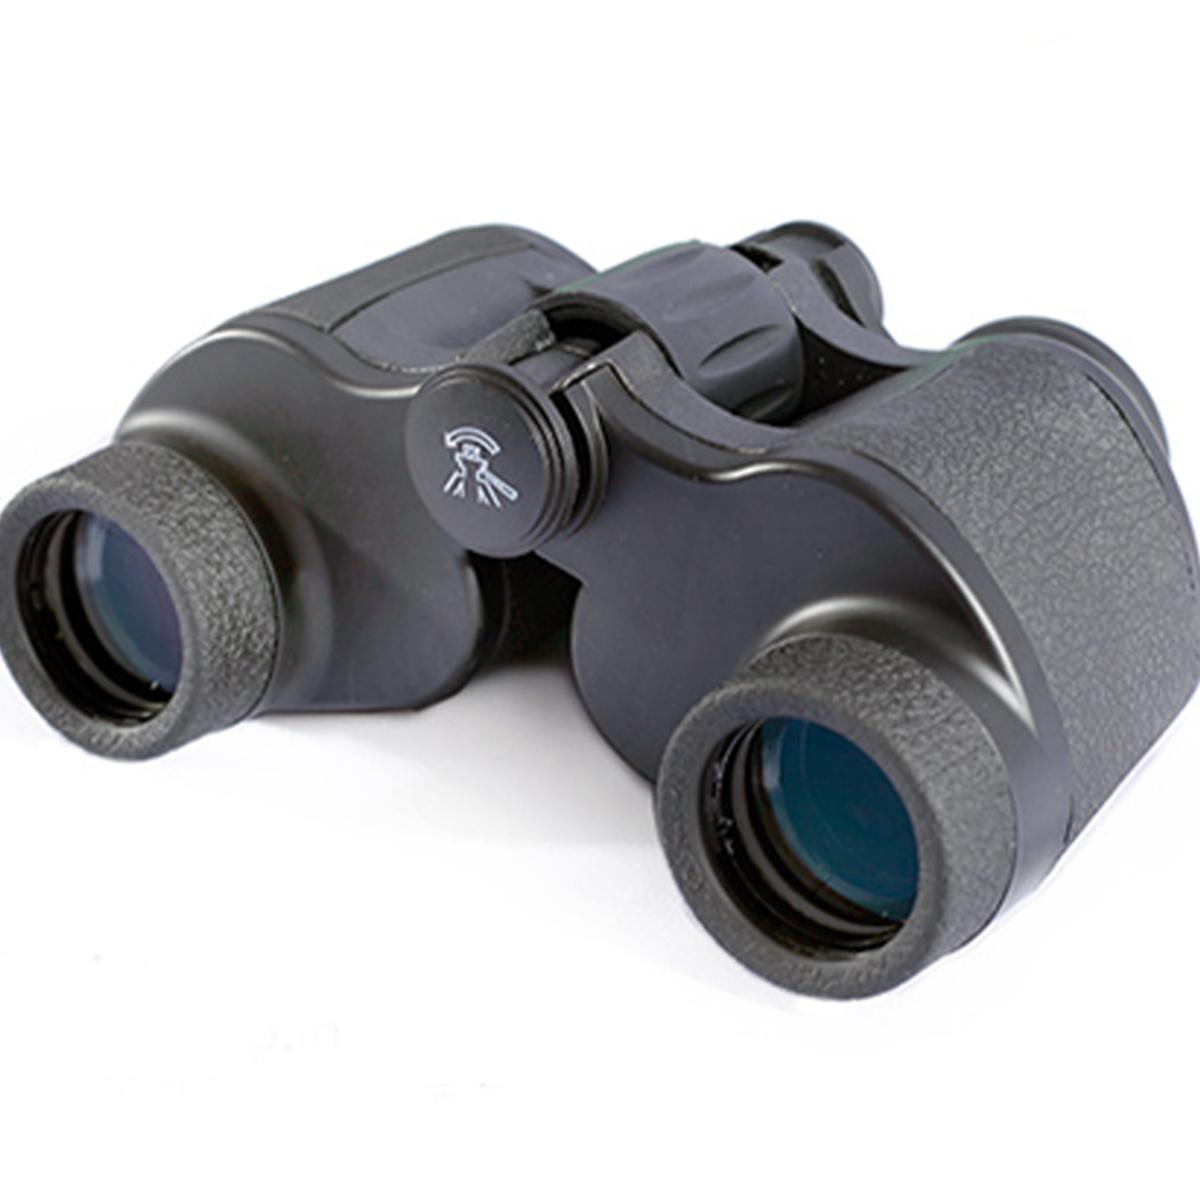 دوربین دوچشمی مدل مدیک کد 32x7